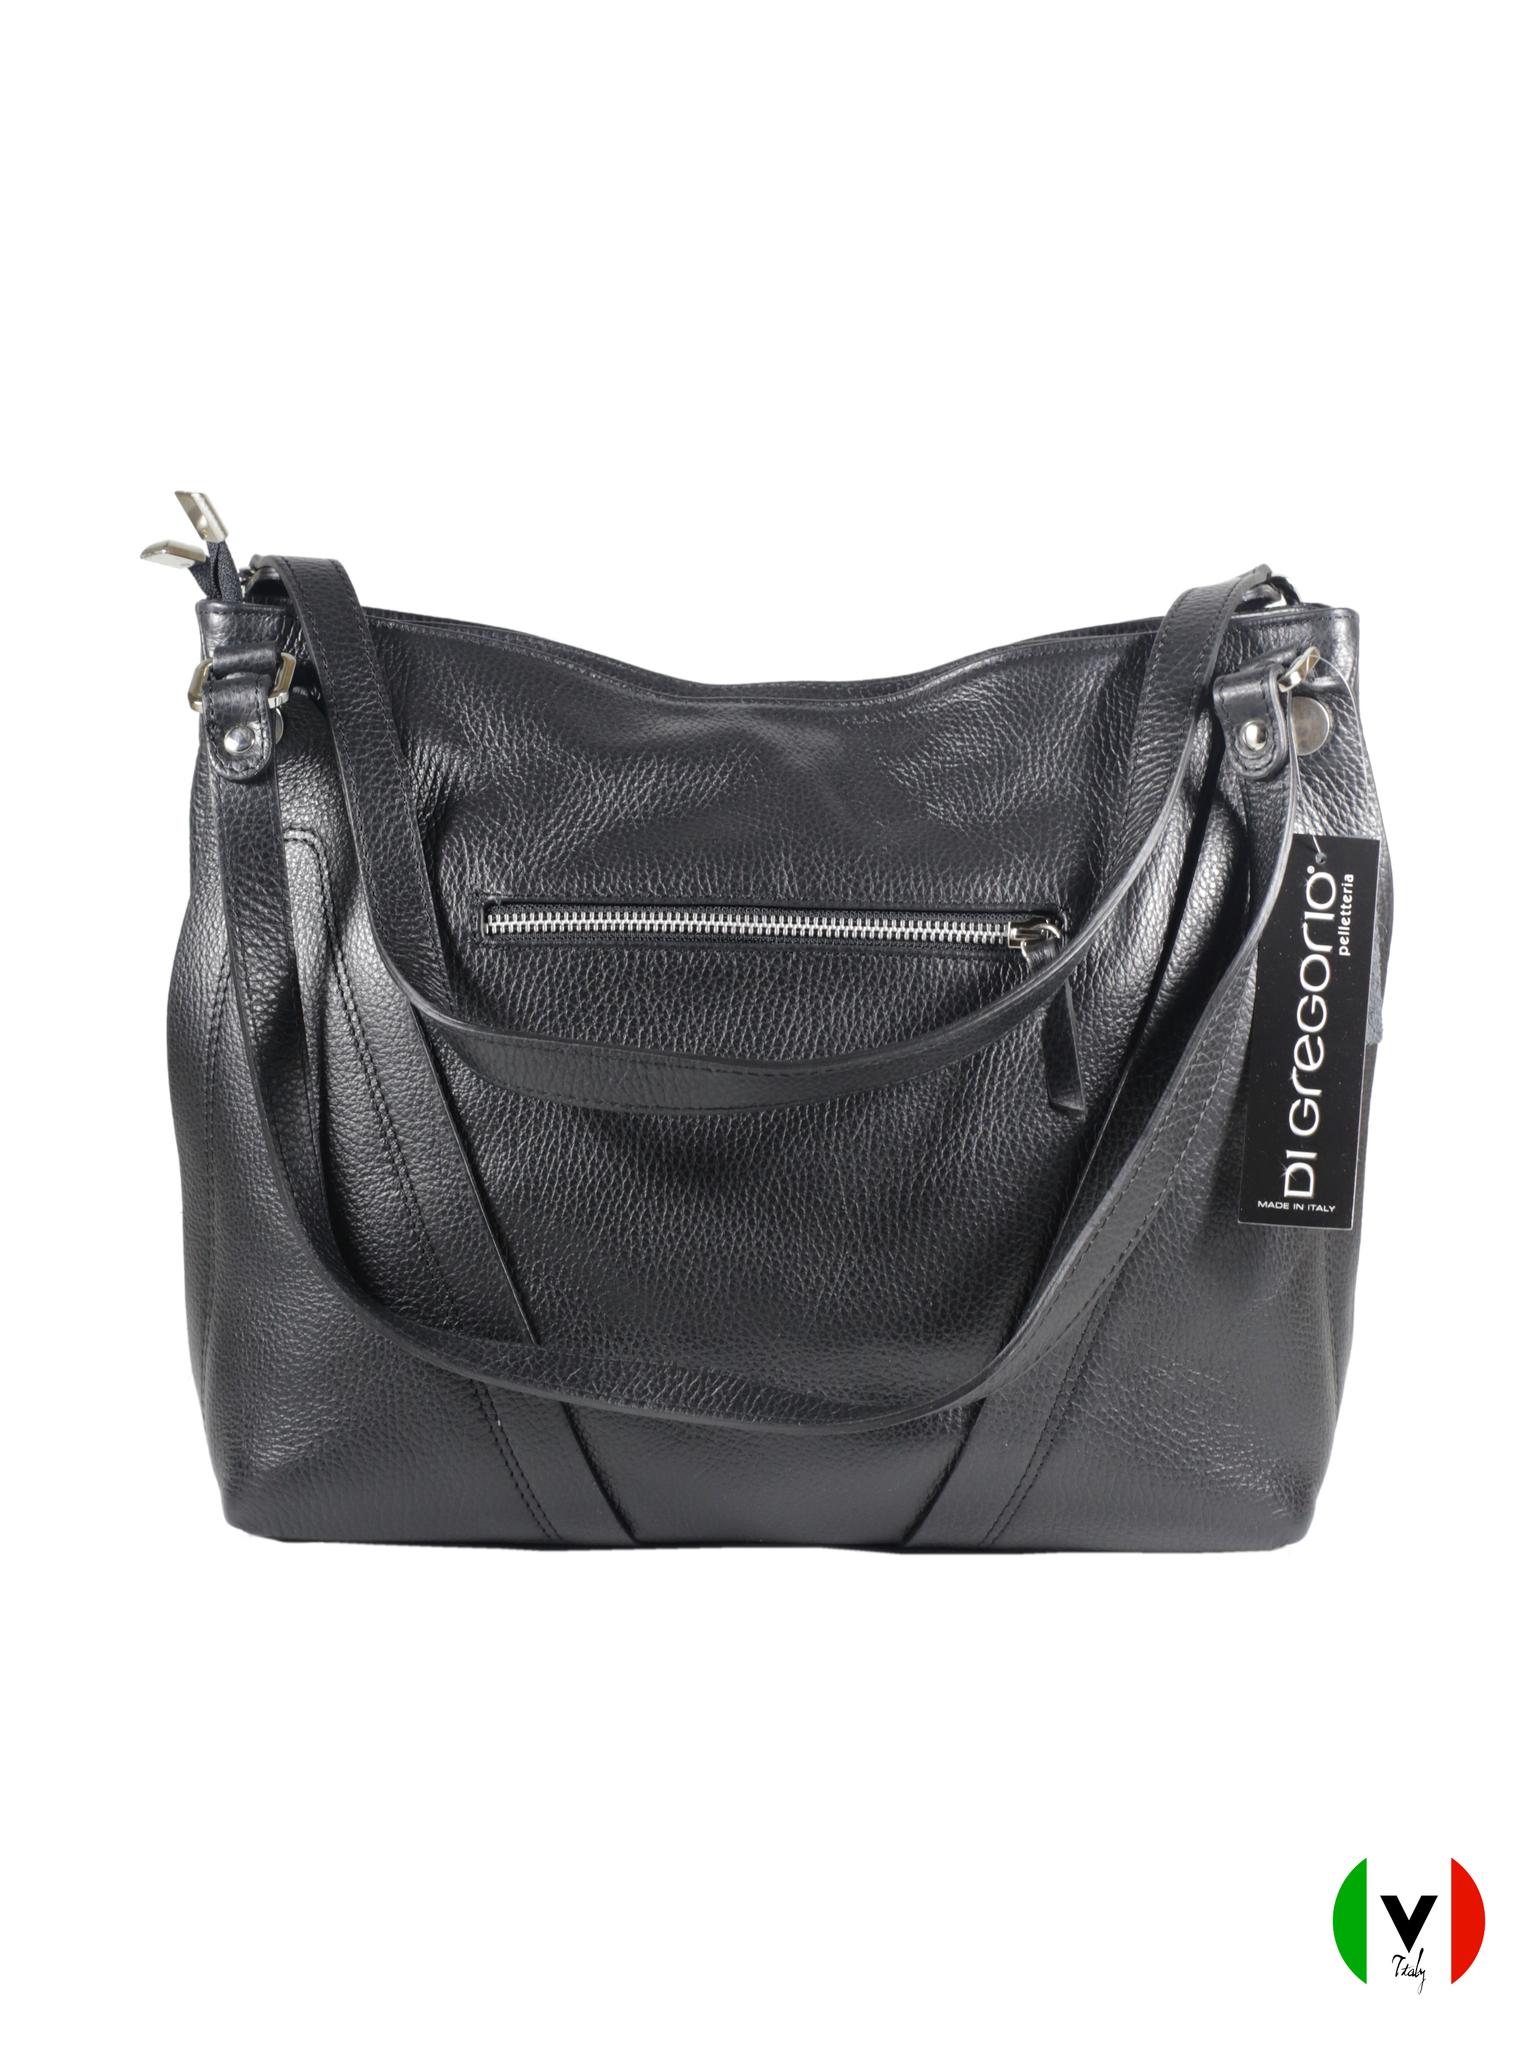 Мягкая сумка Di Gregorio с крокодиловой вставкой 8681-black, артикул 8681-black, цвет чёрный, цена 13 500 руб., veroitaly.ru